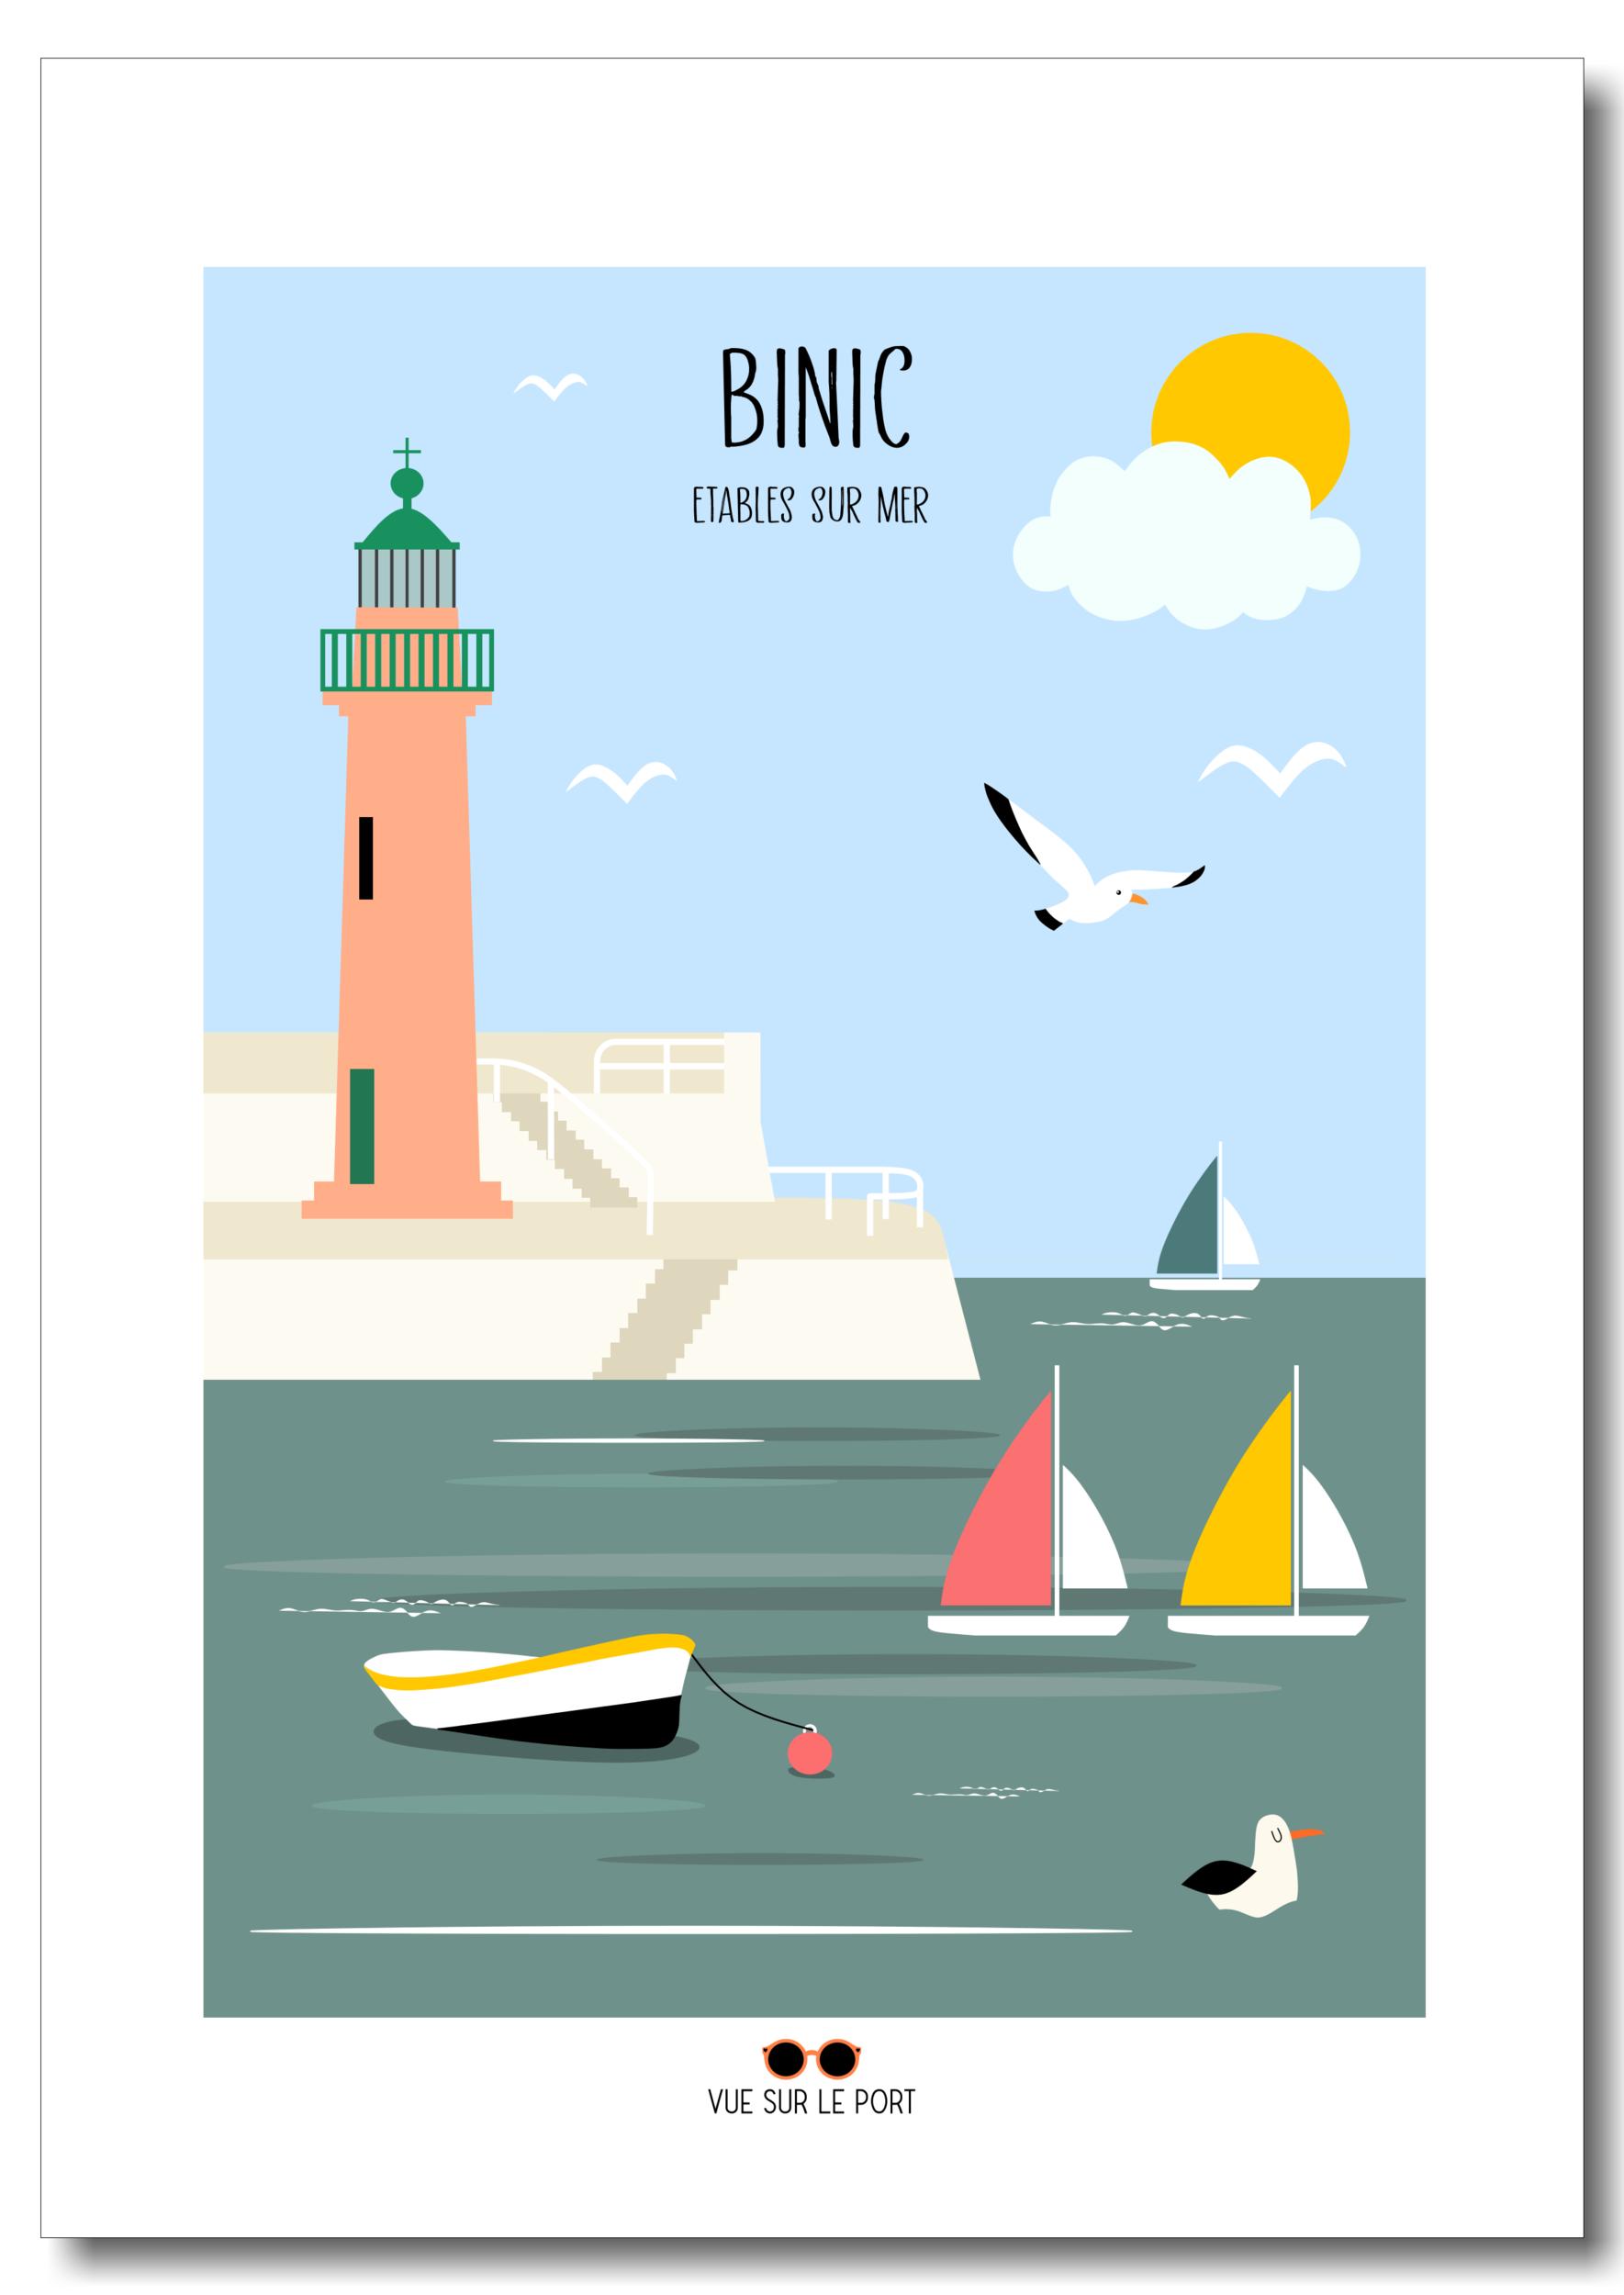 Affiche Binic / Etables sur mer